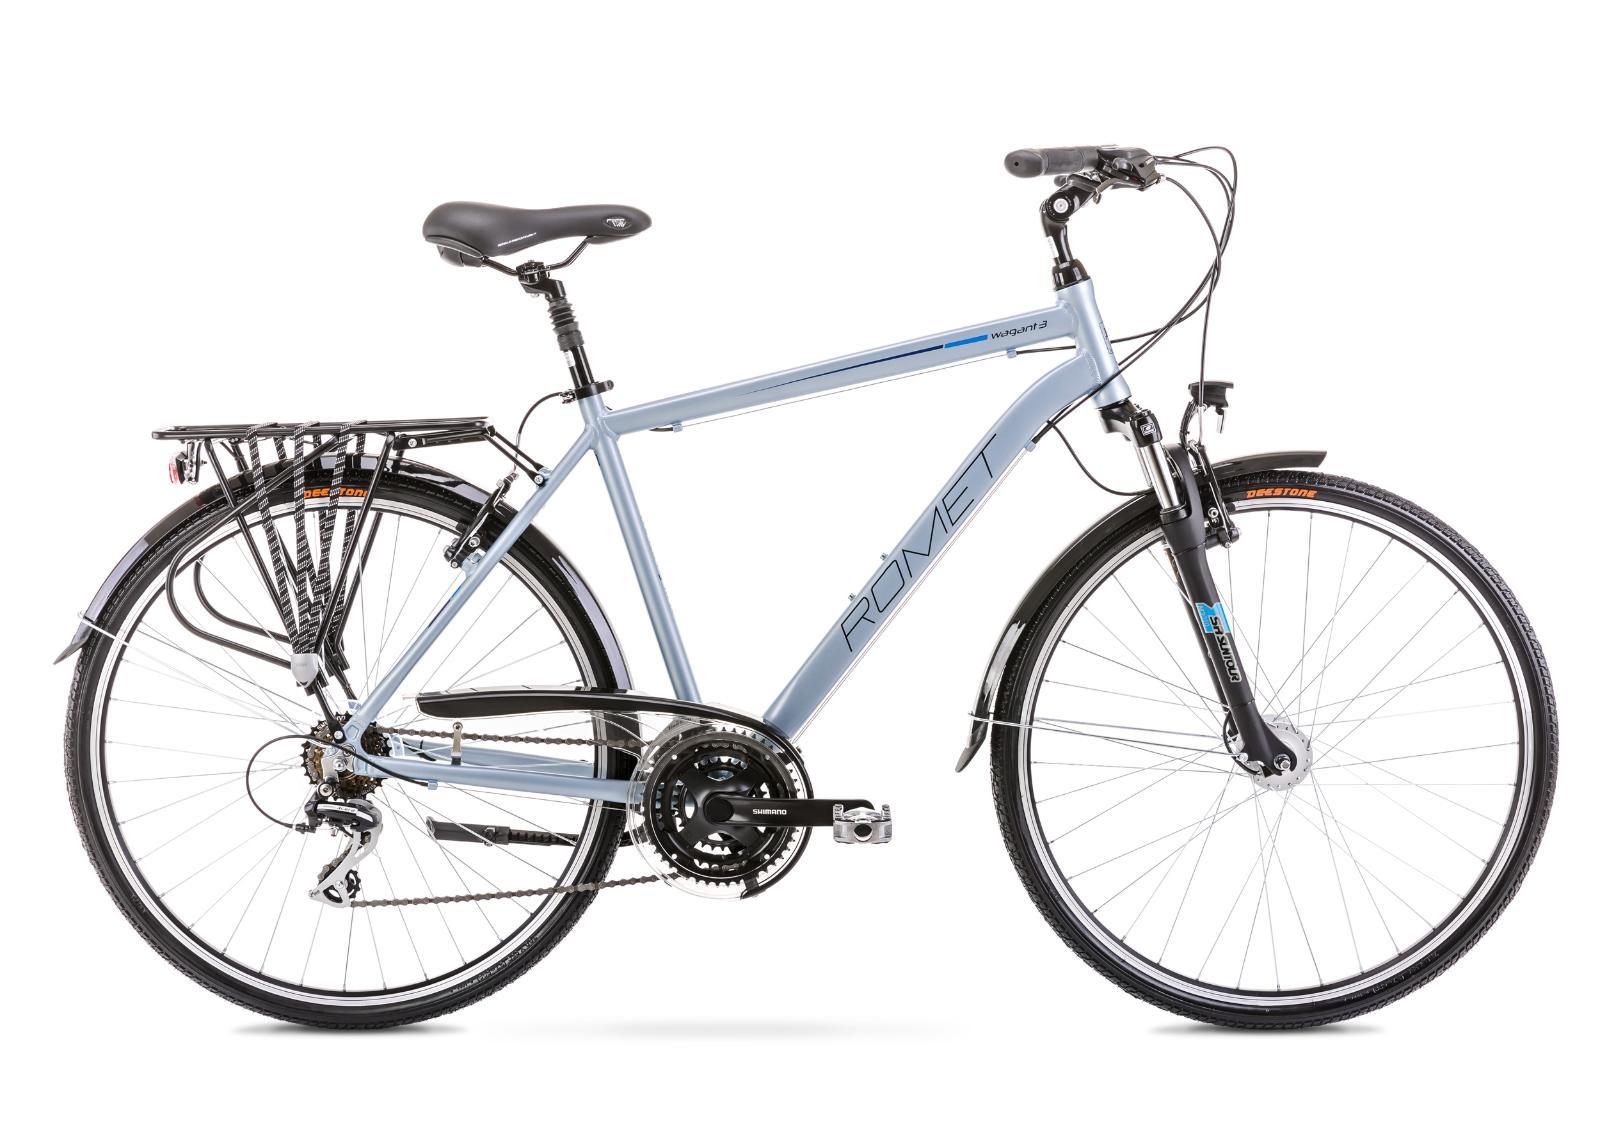 Miesten kaupunkipyörä 23 XL WAGANT 3 hopeanvärinen-sininen